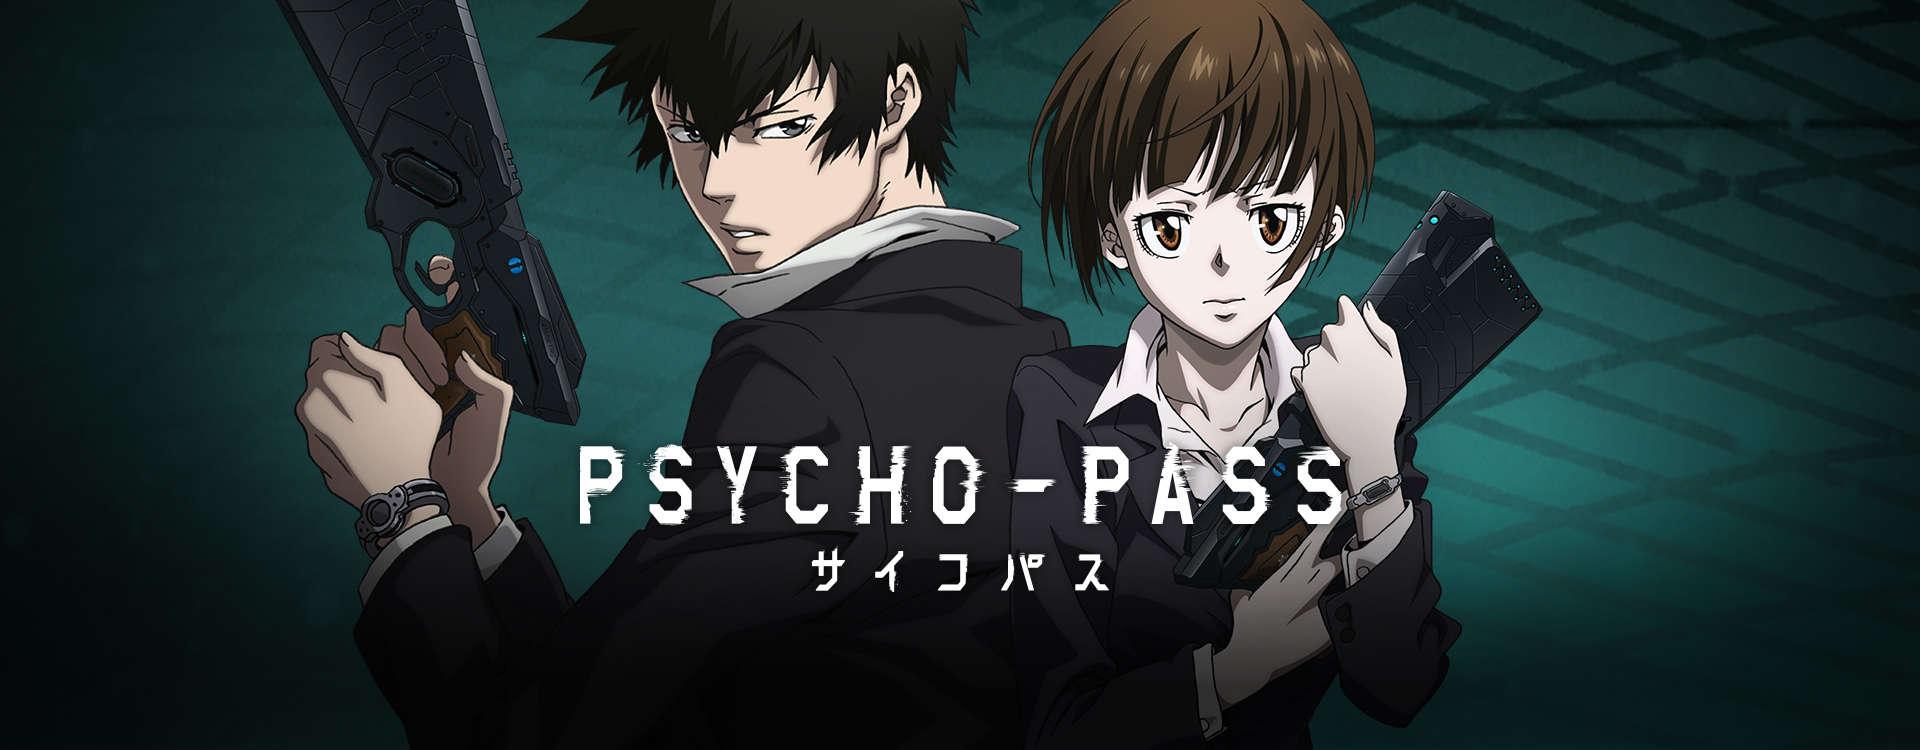 psycho pass ile ilgili görsel sonucu